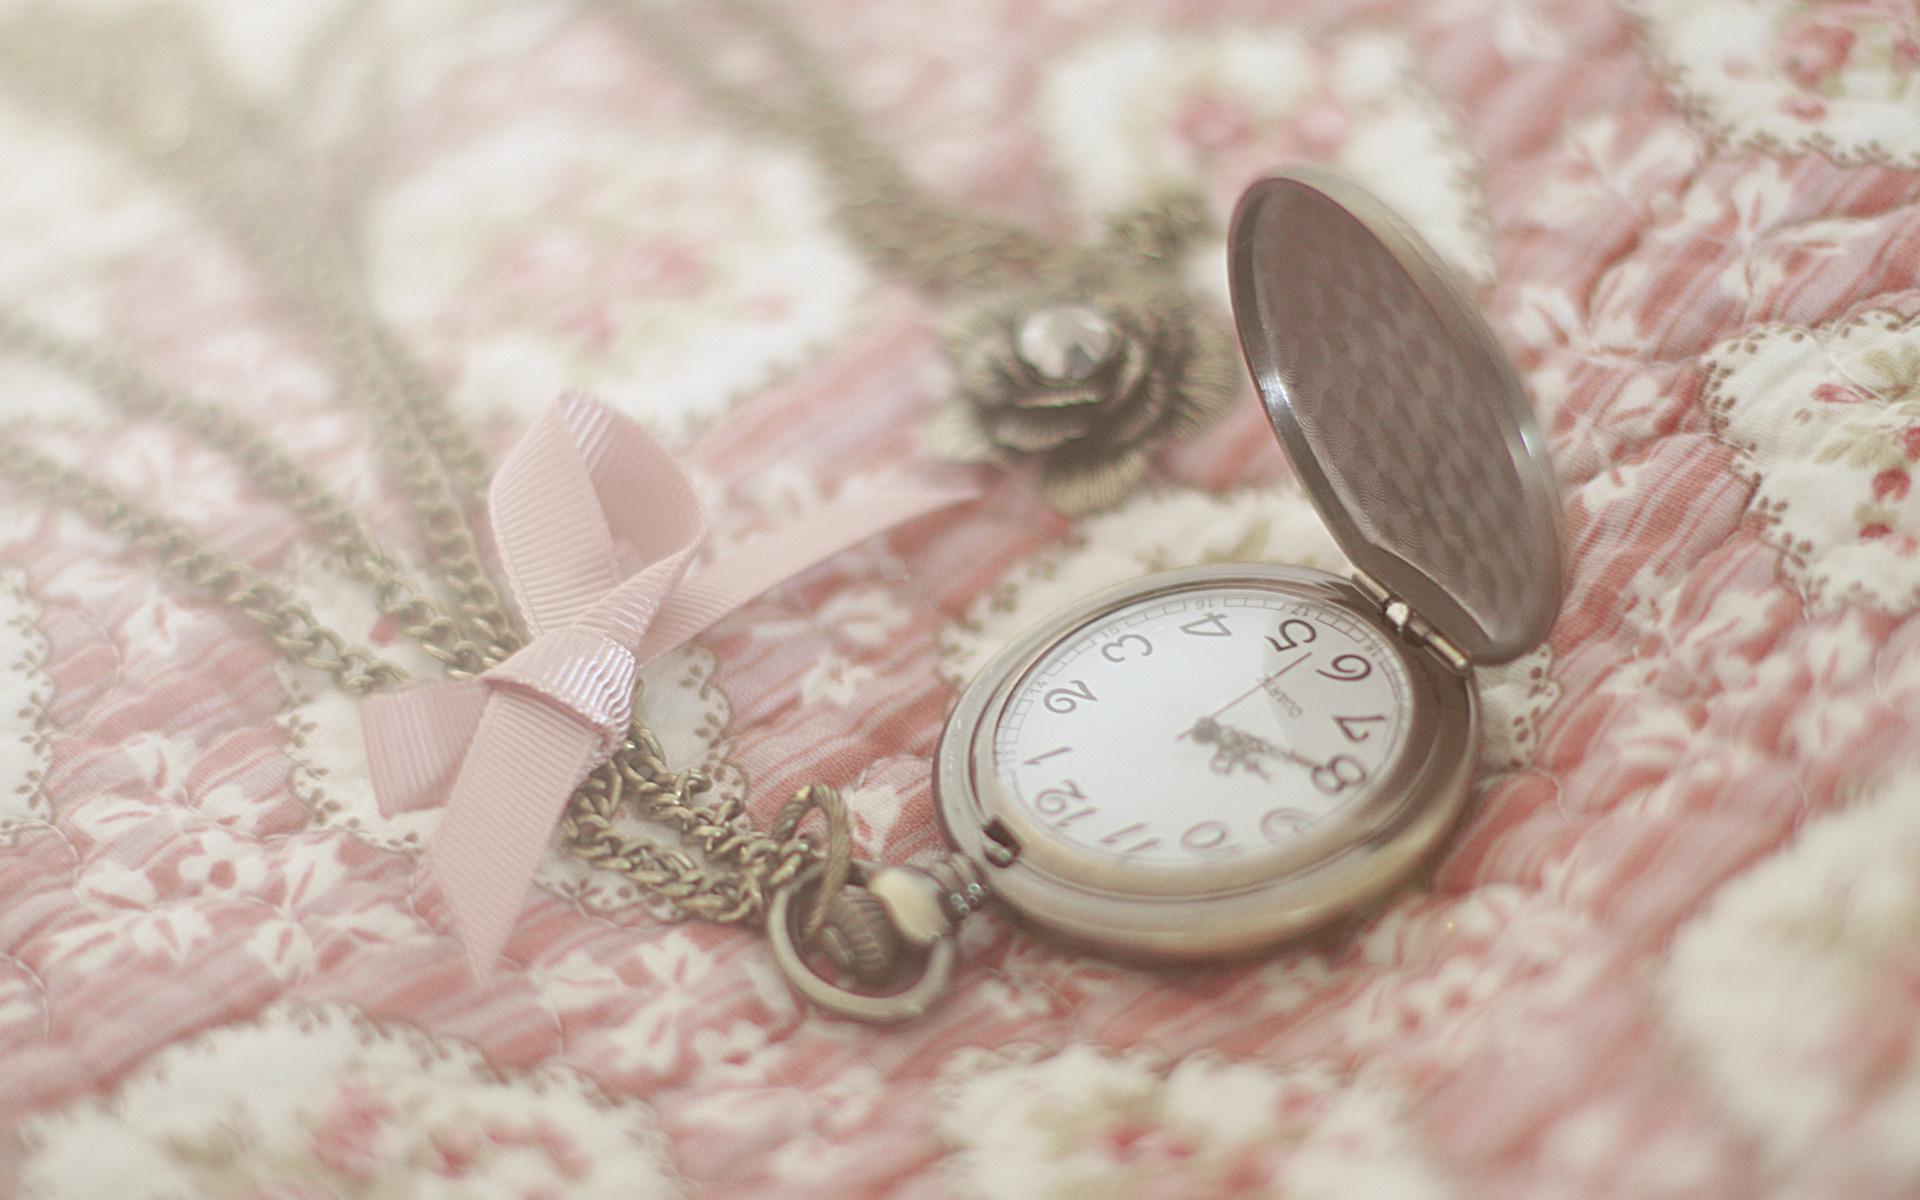 Карманные часы и скатерть  № 2171605  скачать